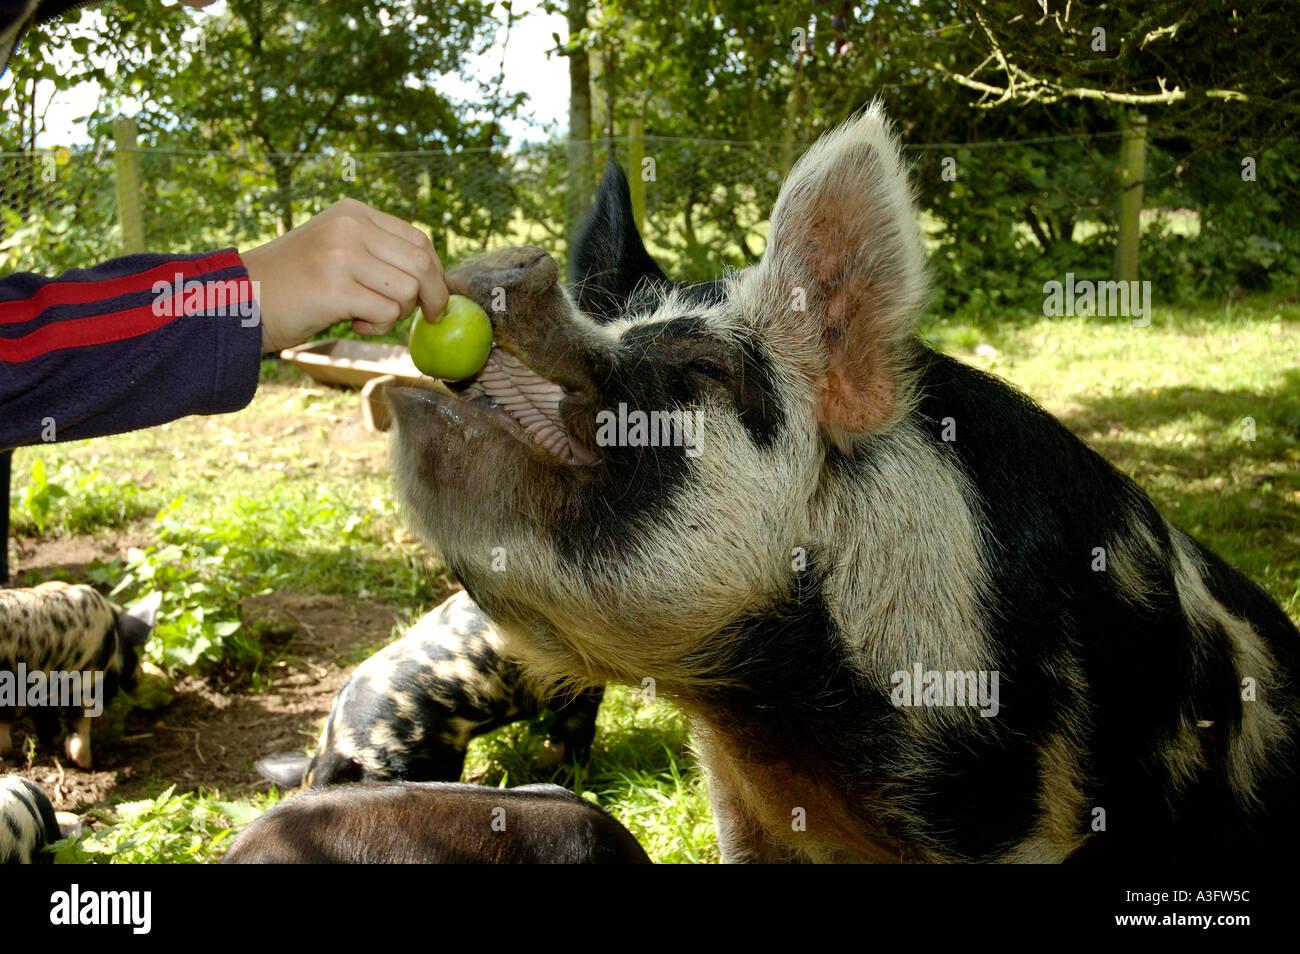 Cochon Kune-Kune alimenté une pomme dans un verger en Cumbria UK Photo Stock